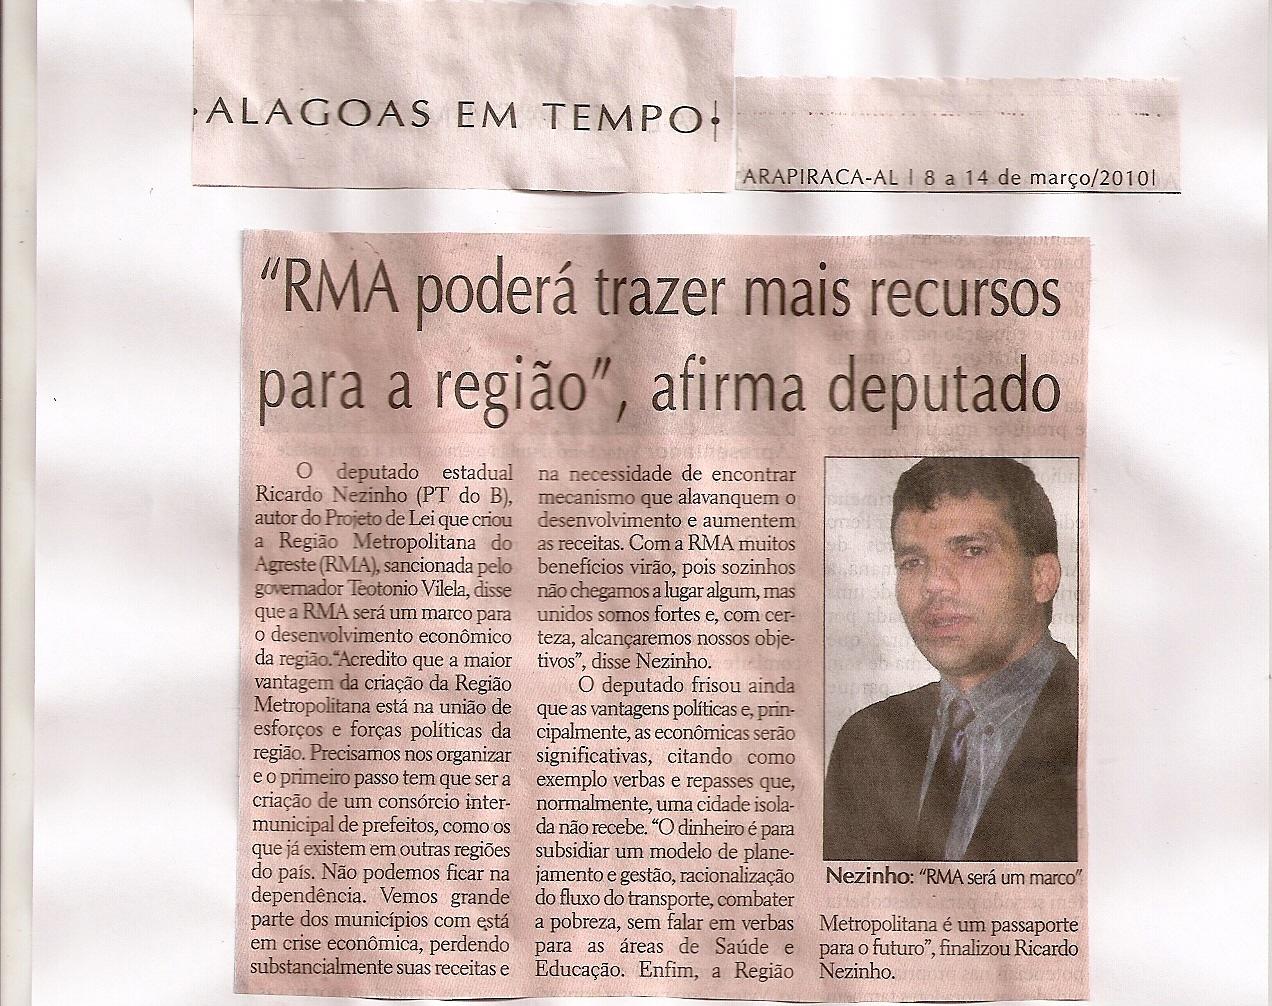 alagoas_em_tempo_08_04_2010